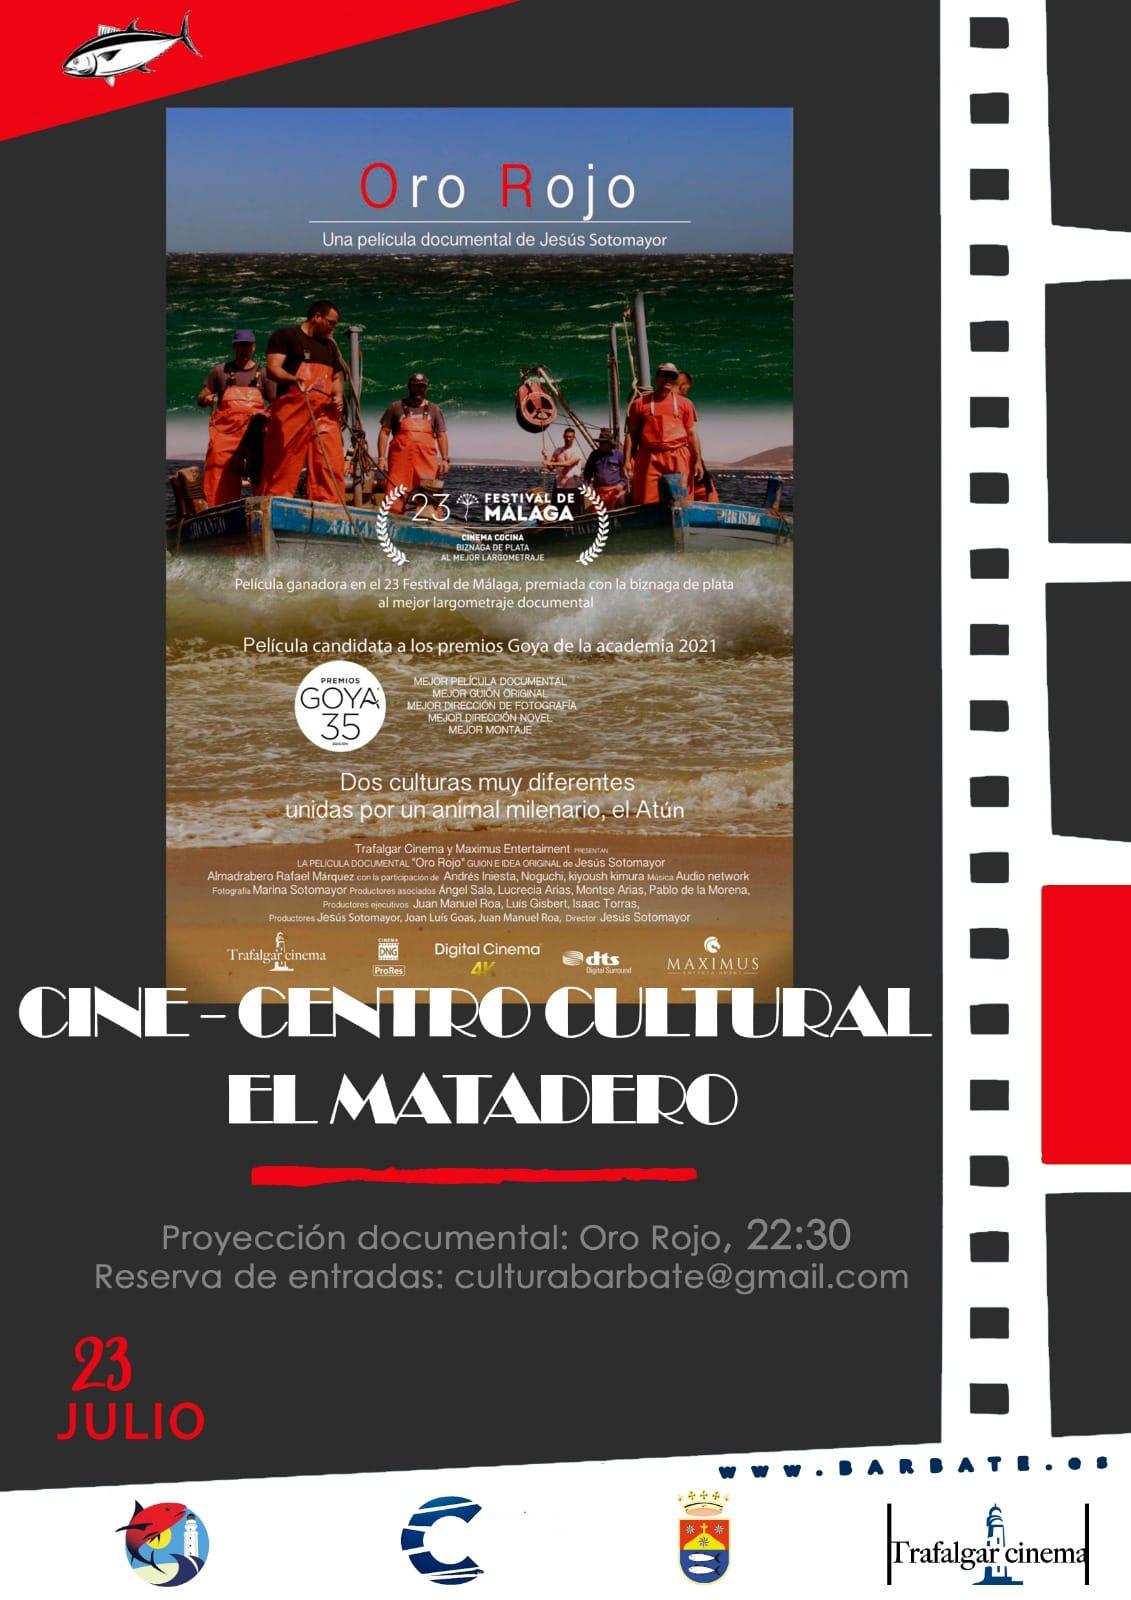 Documental 'Oro Rojo' de Jesús Sotomayor en el Centro Cultural el Matadero